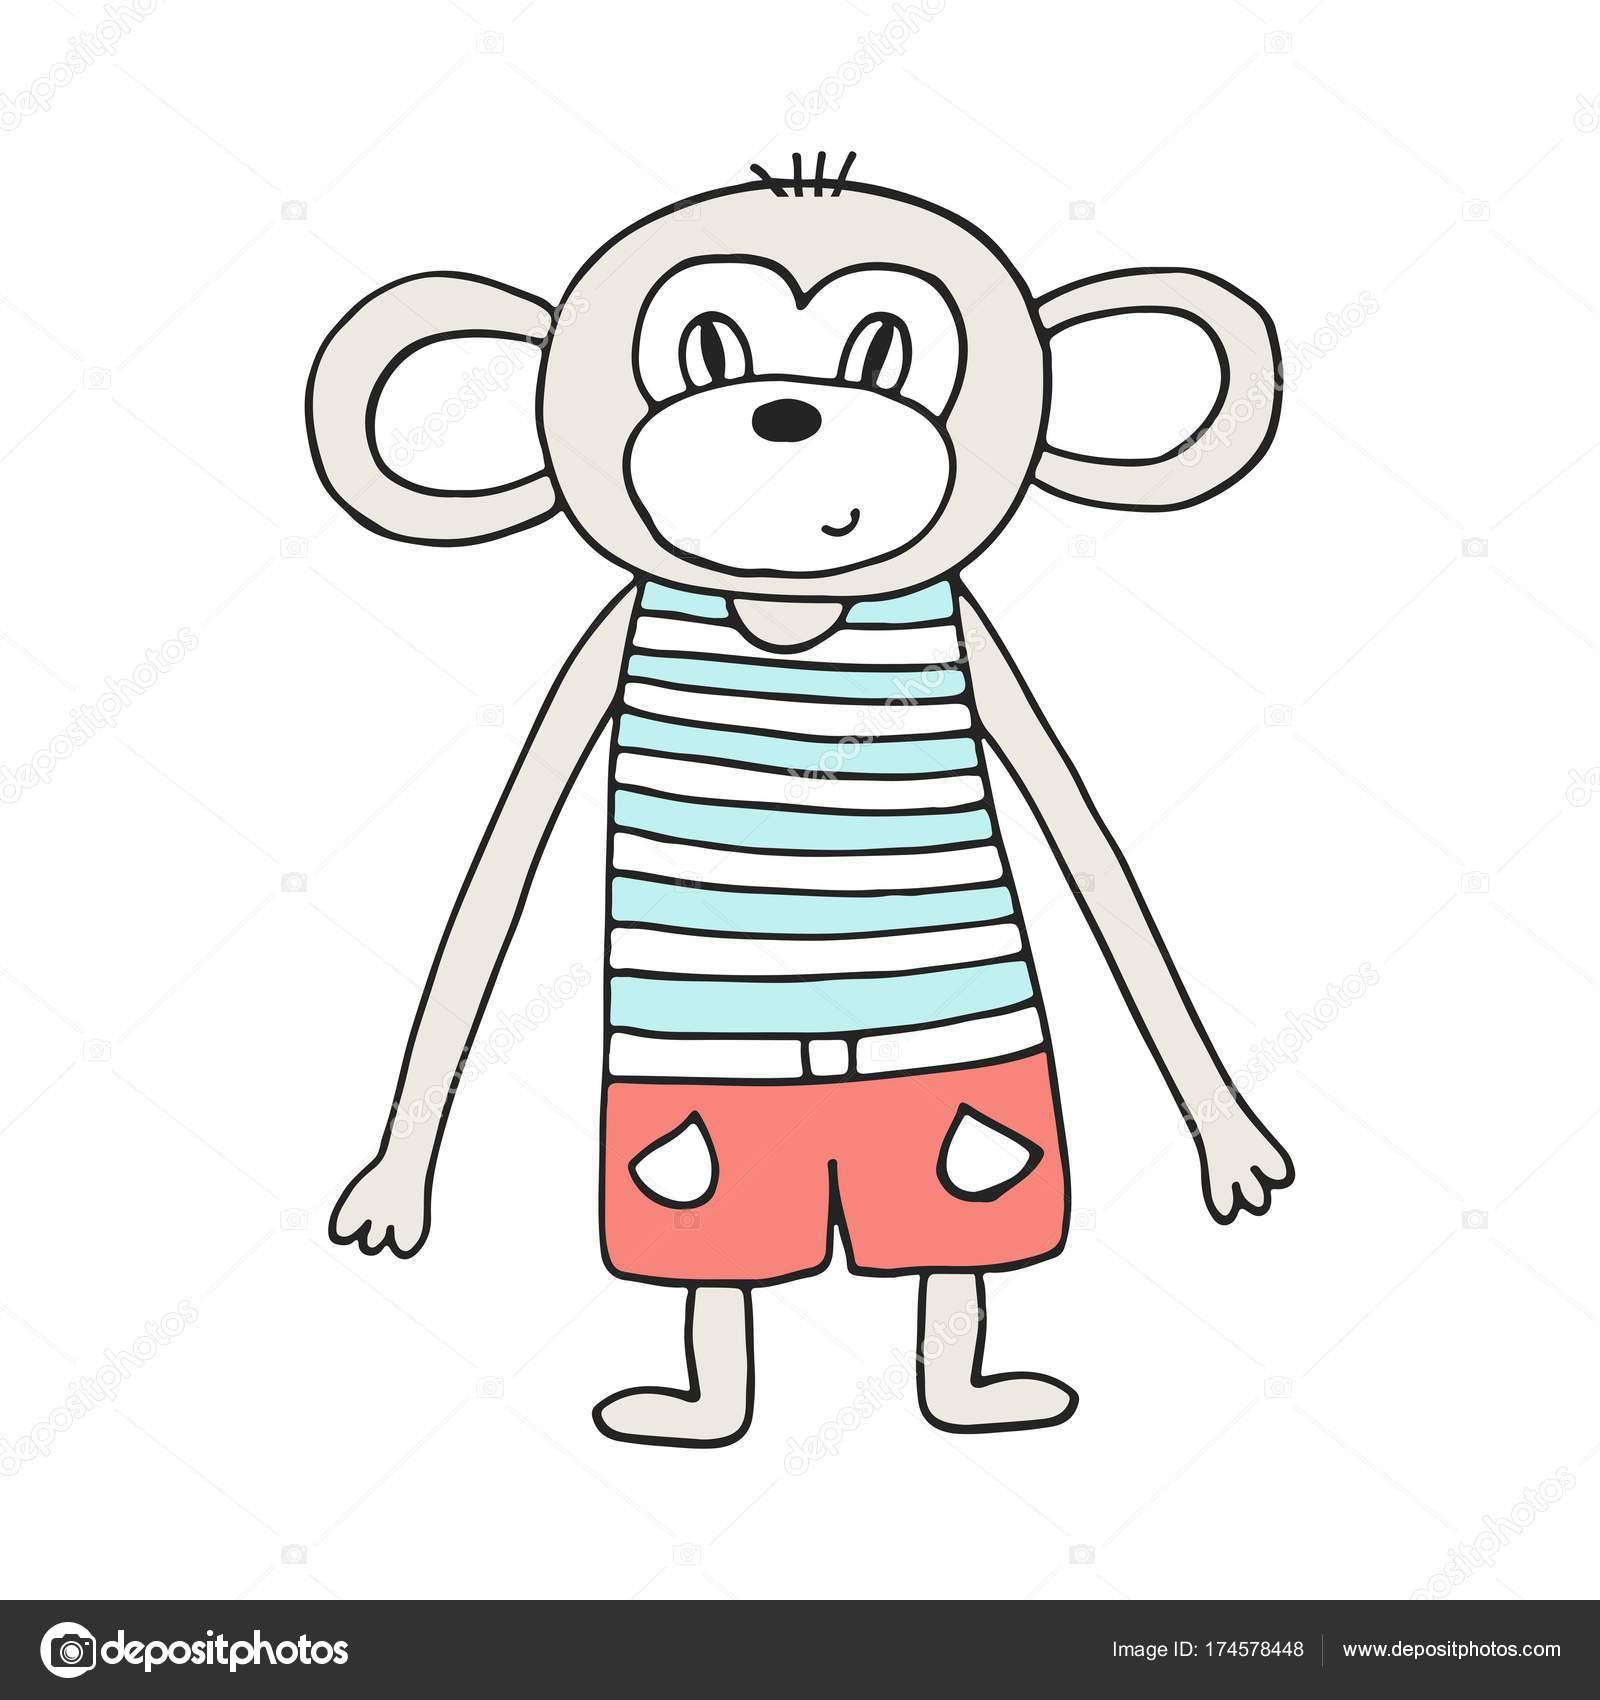 Niedliche Hand Gezeichnete Kinderzimmer Poster Mit Affen Skandinavischen Stil Farbe Stockvektor